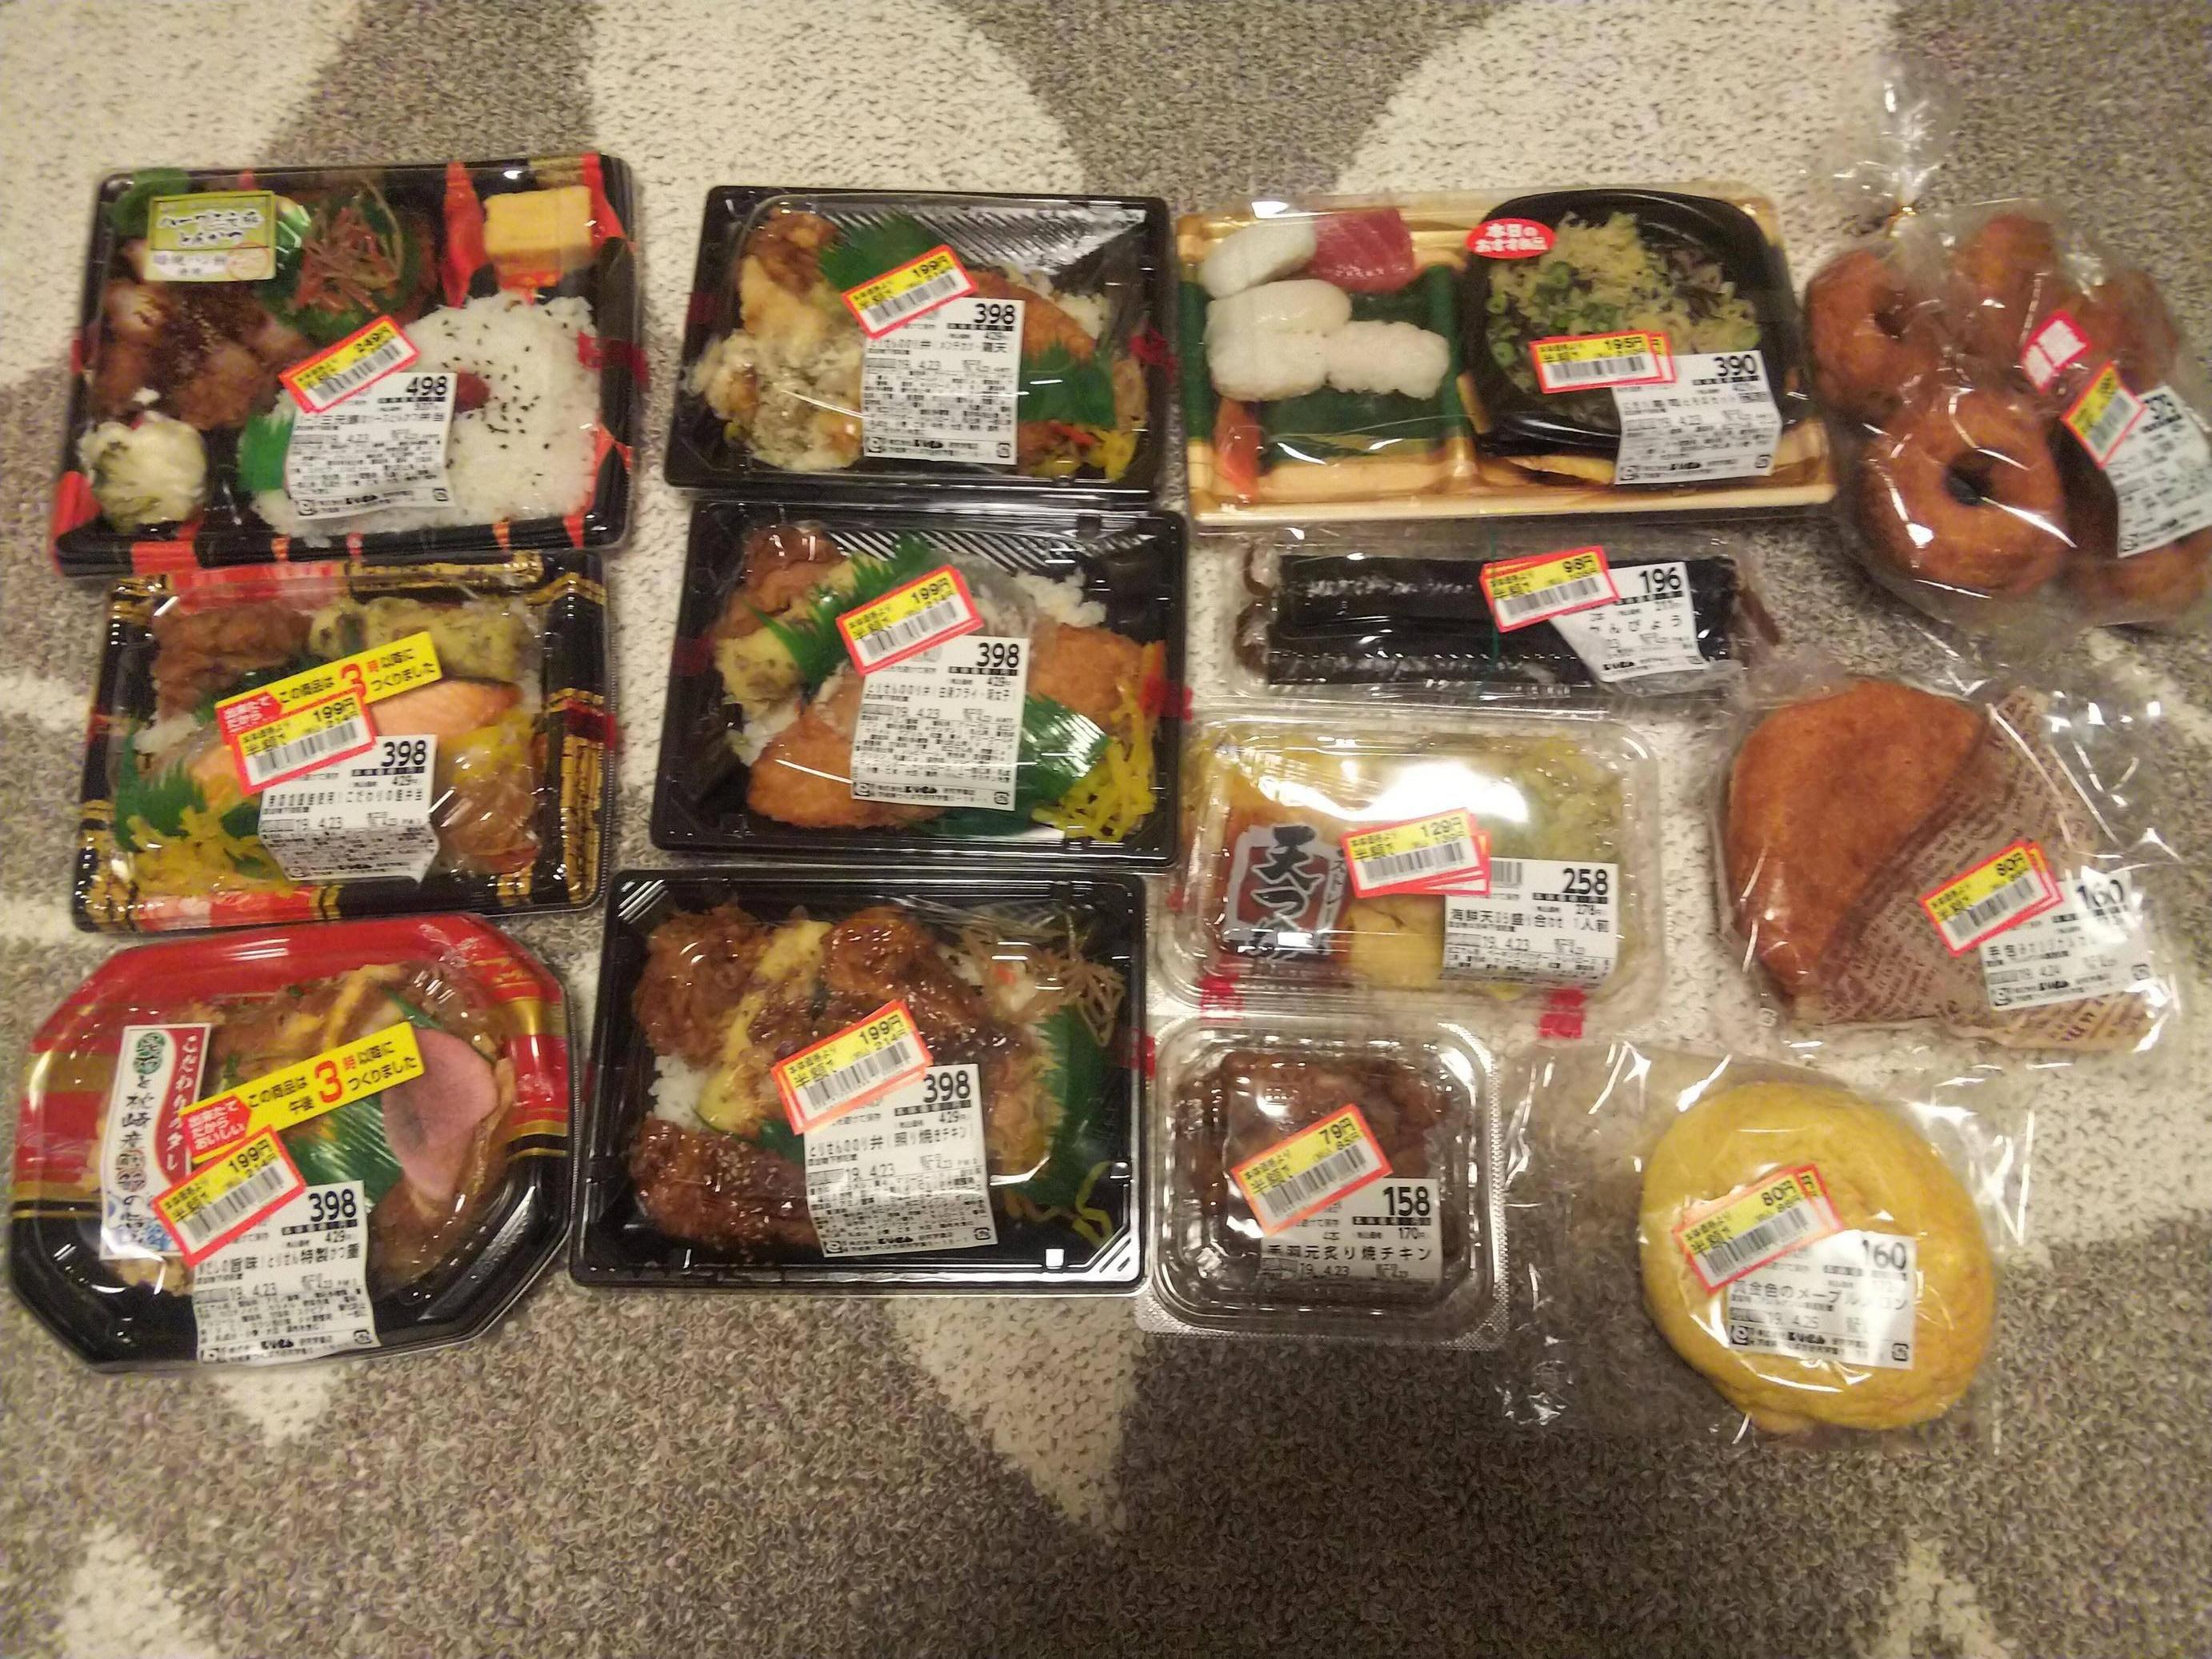 【画像】スーパーで半額の弁当13個買ってきたwwwwwwwwwwwwwwwwwwwww